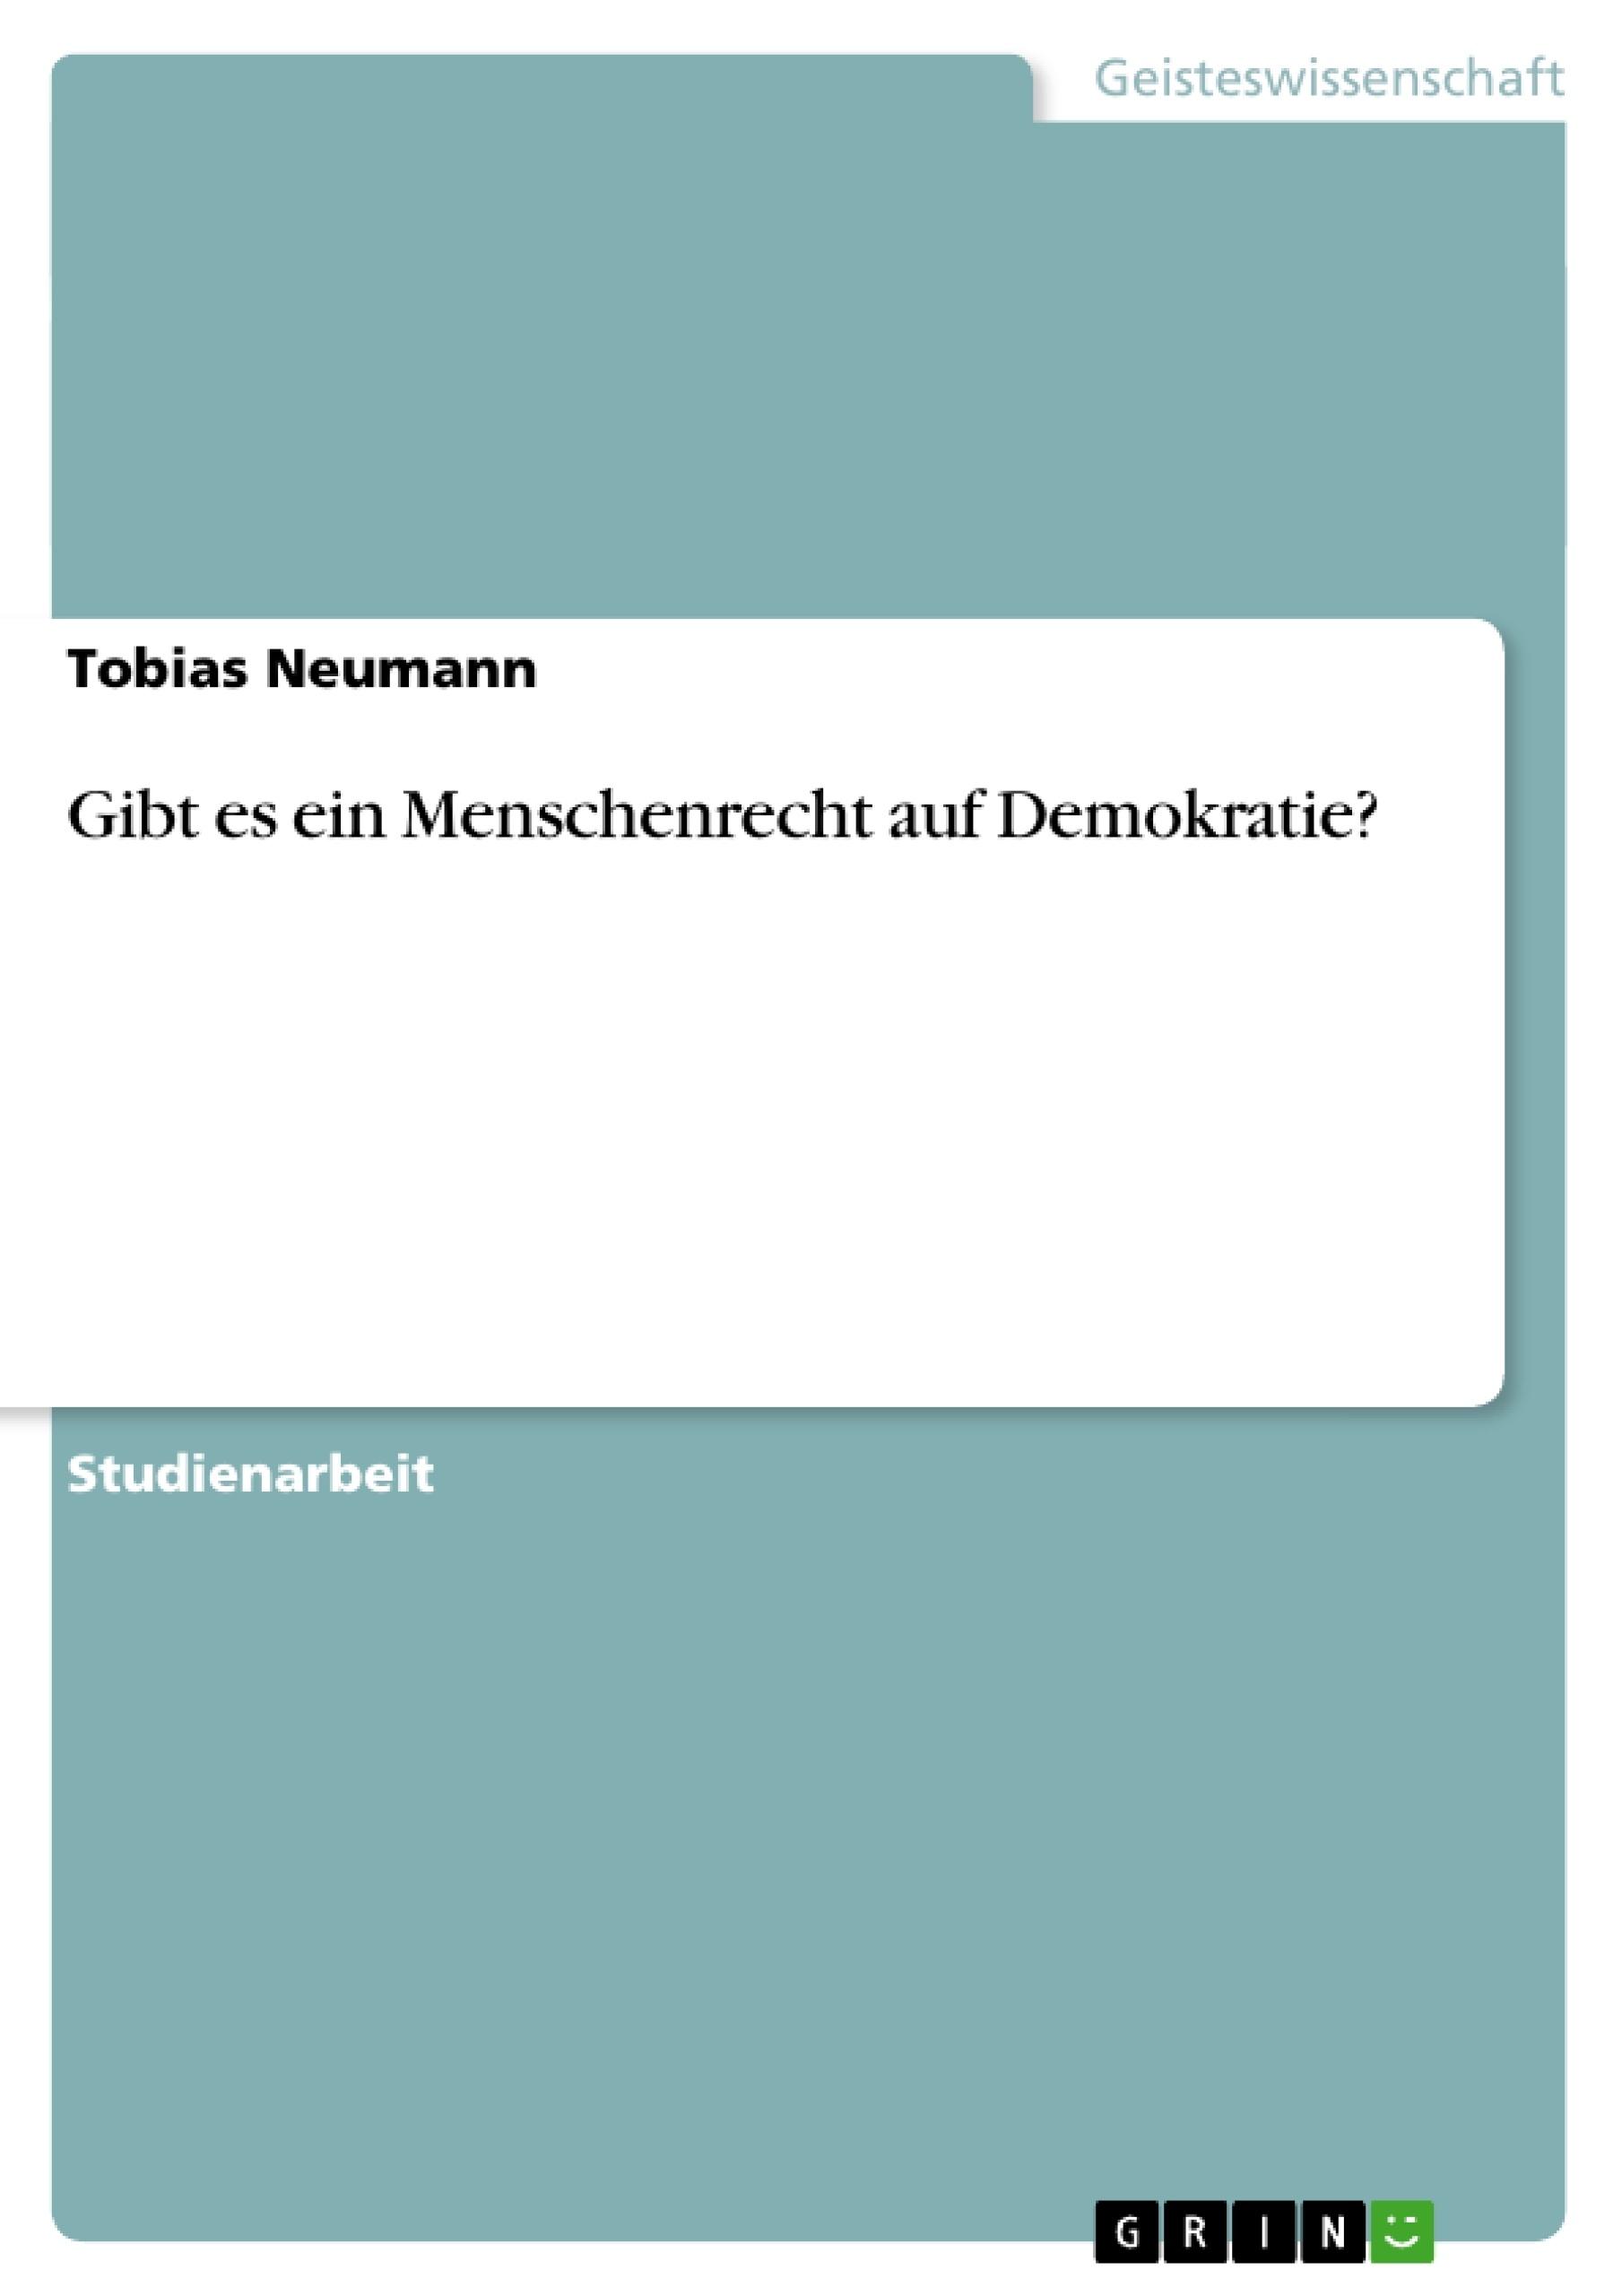 Titel: Gibt es ein Menschenrecht auf Demokratie?